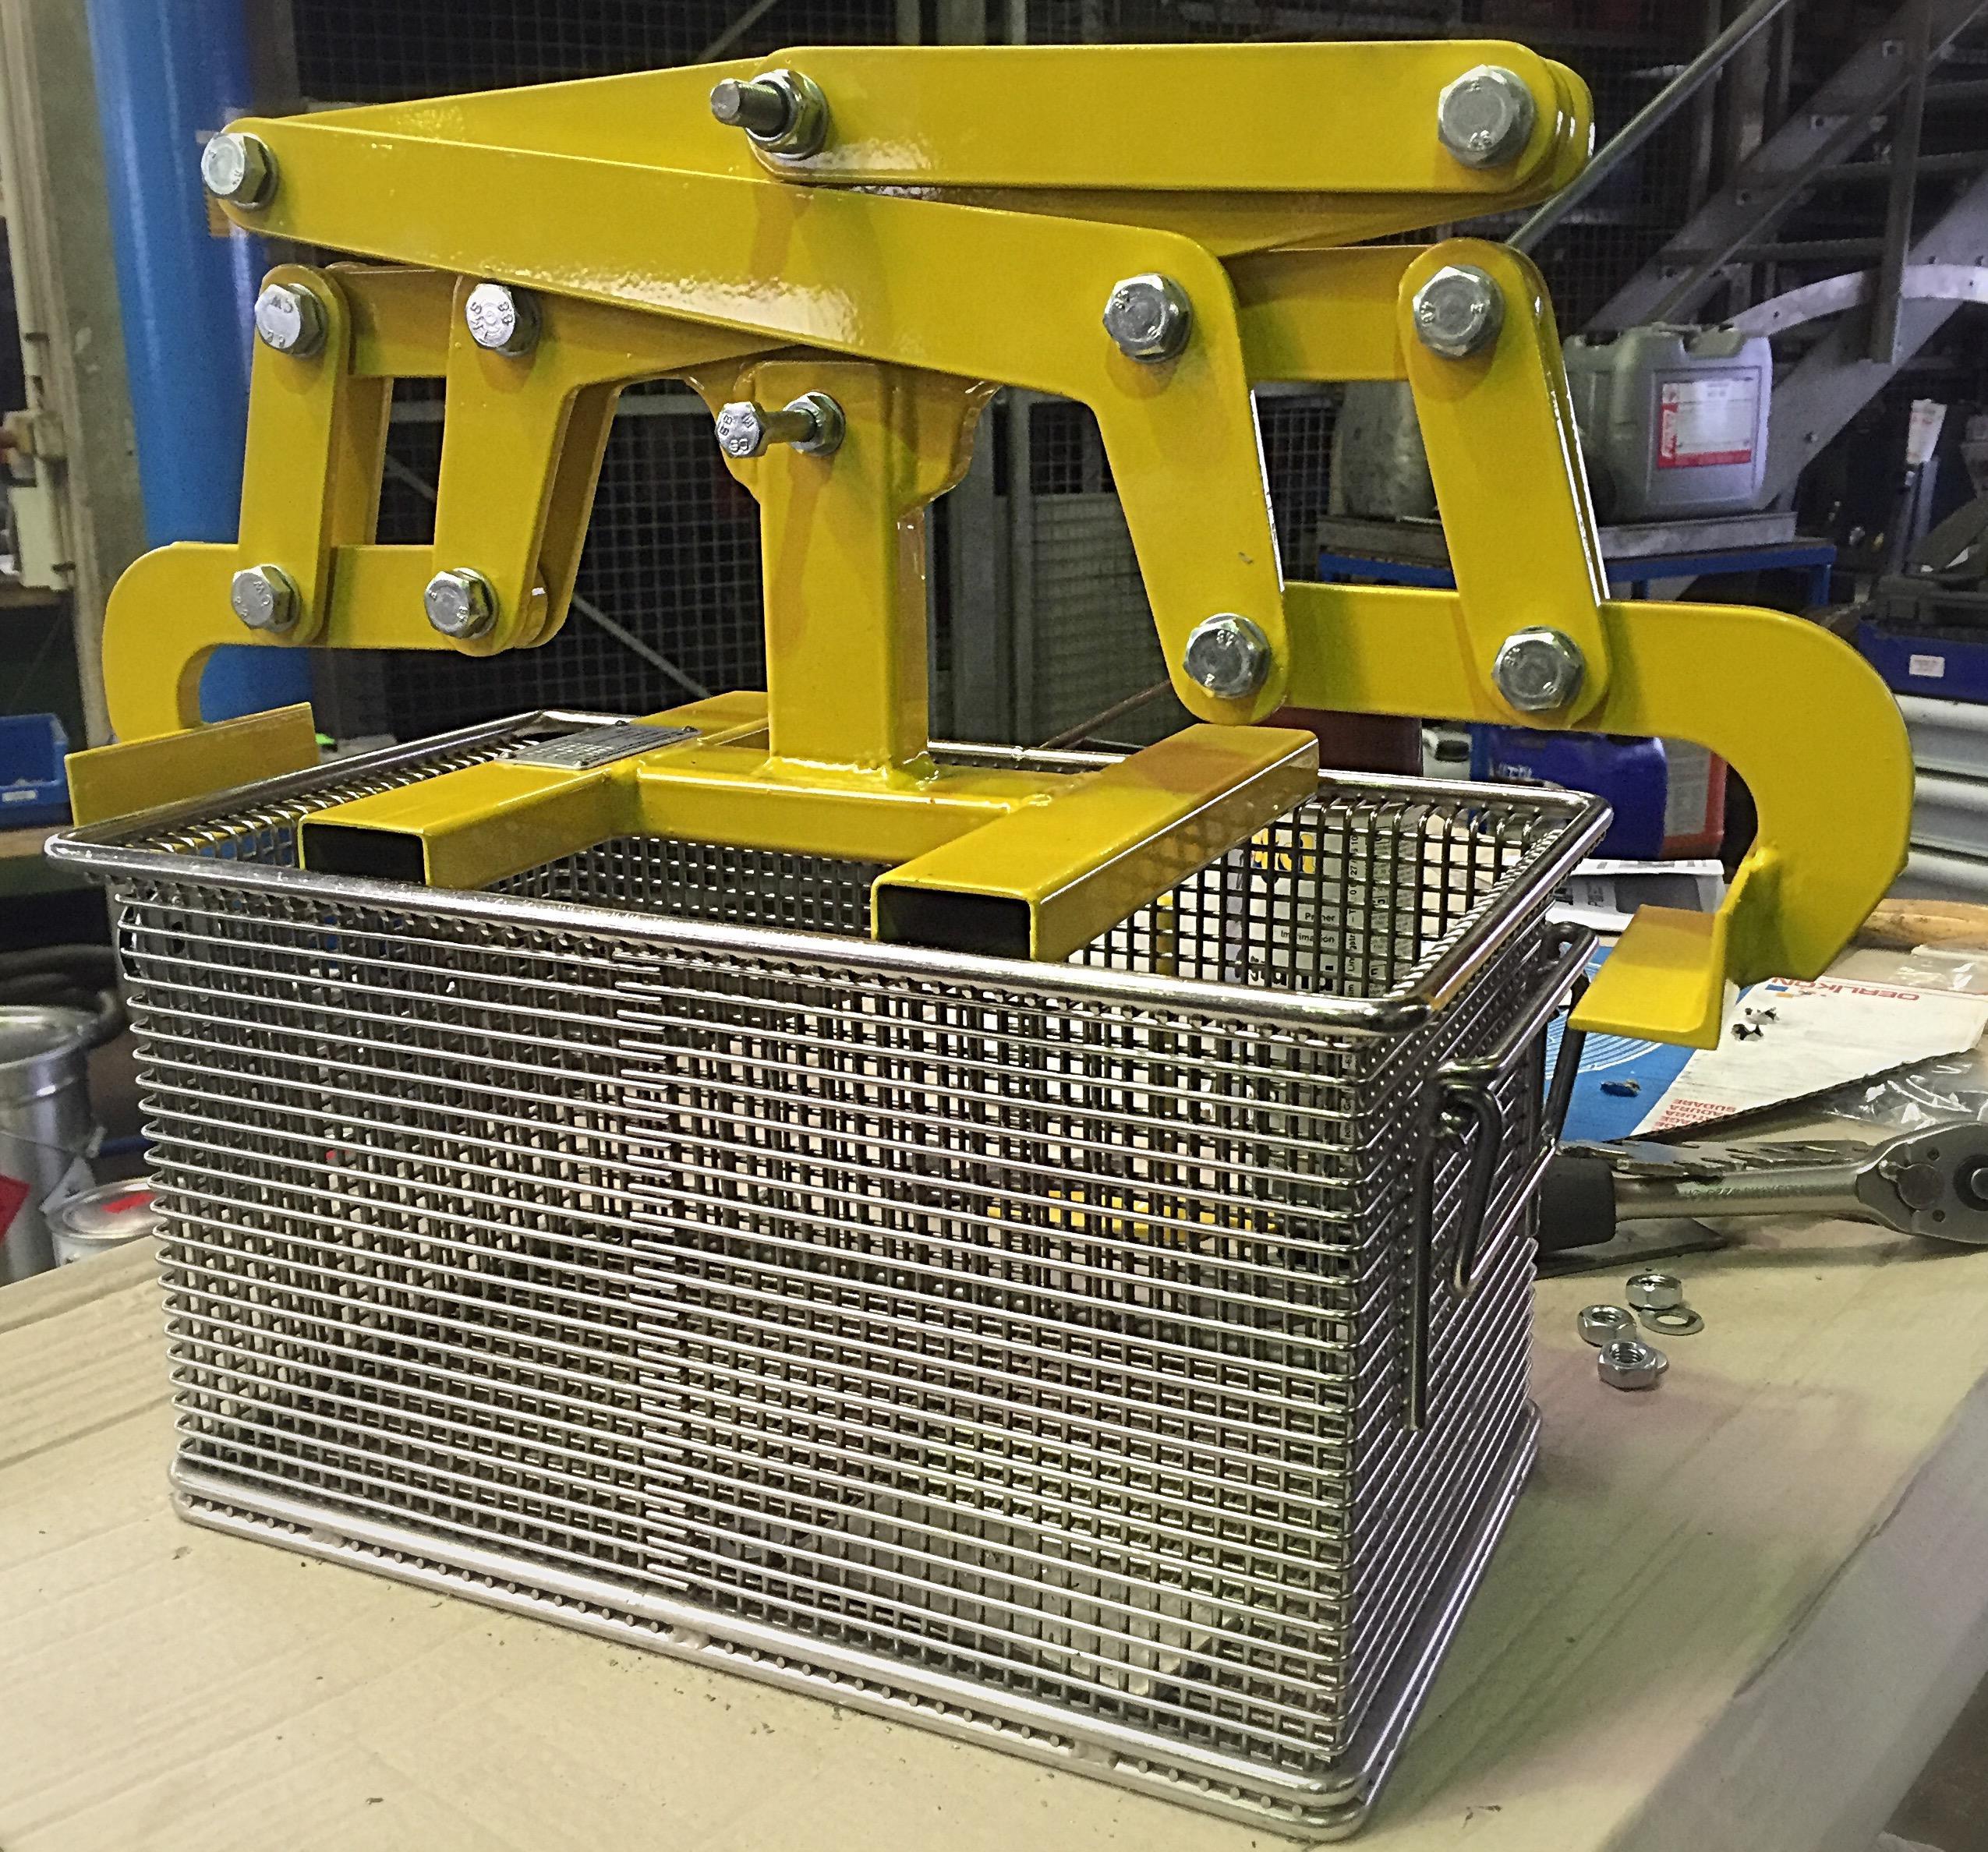 Kistengreifer, in vielen Produktionsabläufen ein unabdingbares Hilfsmittel. Wir fertigen nach Ihren Produktionsanforderungen.